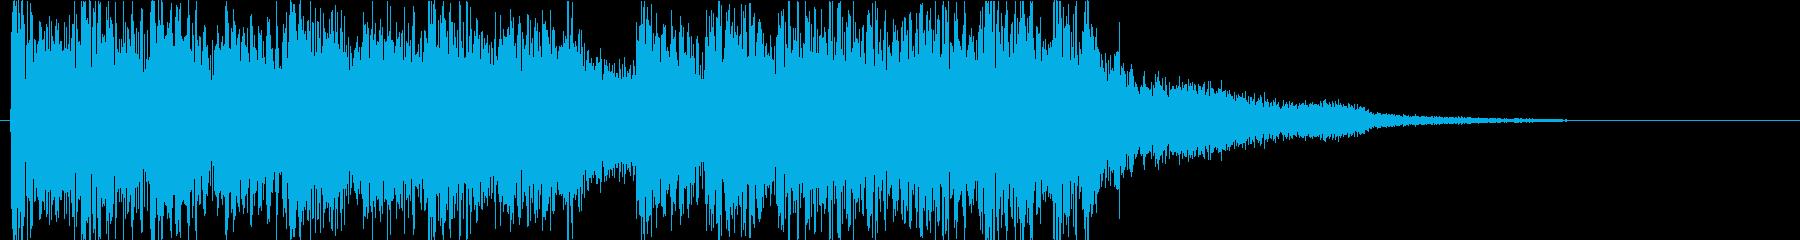 軽さがありつつも耳にしっかり残るフレーズの再生済みの波形